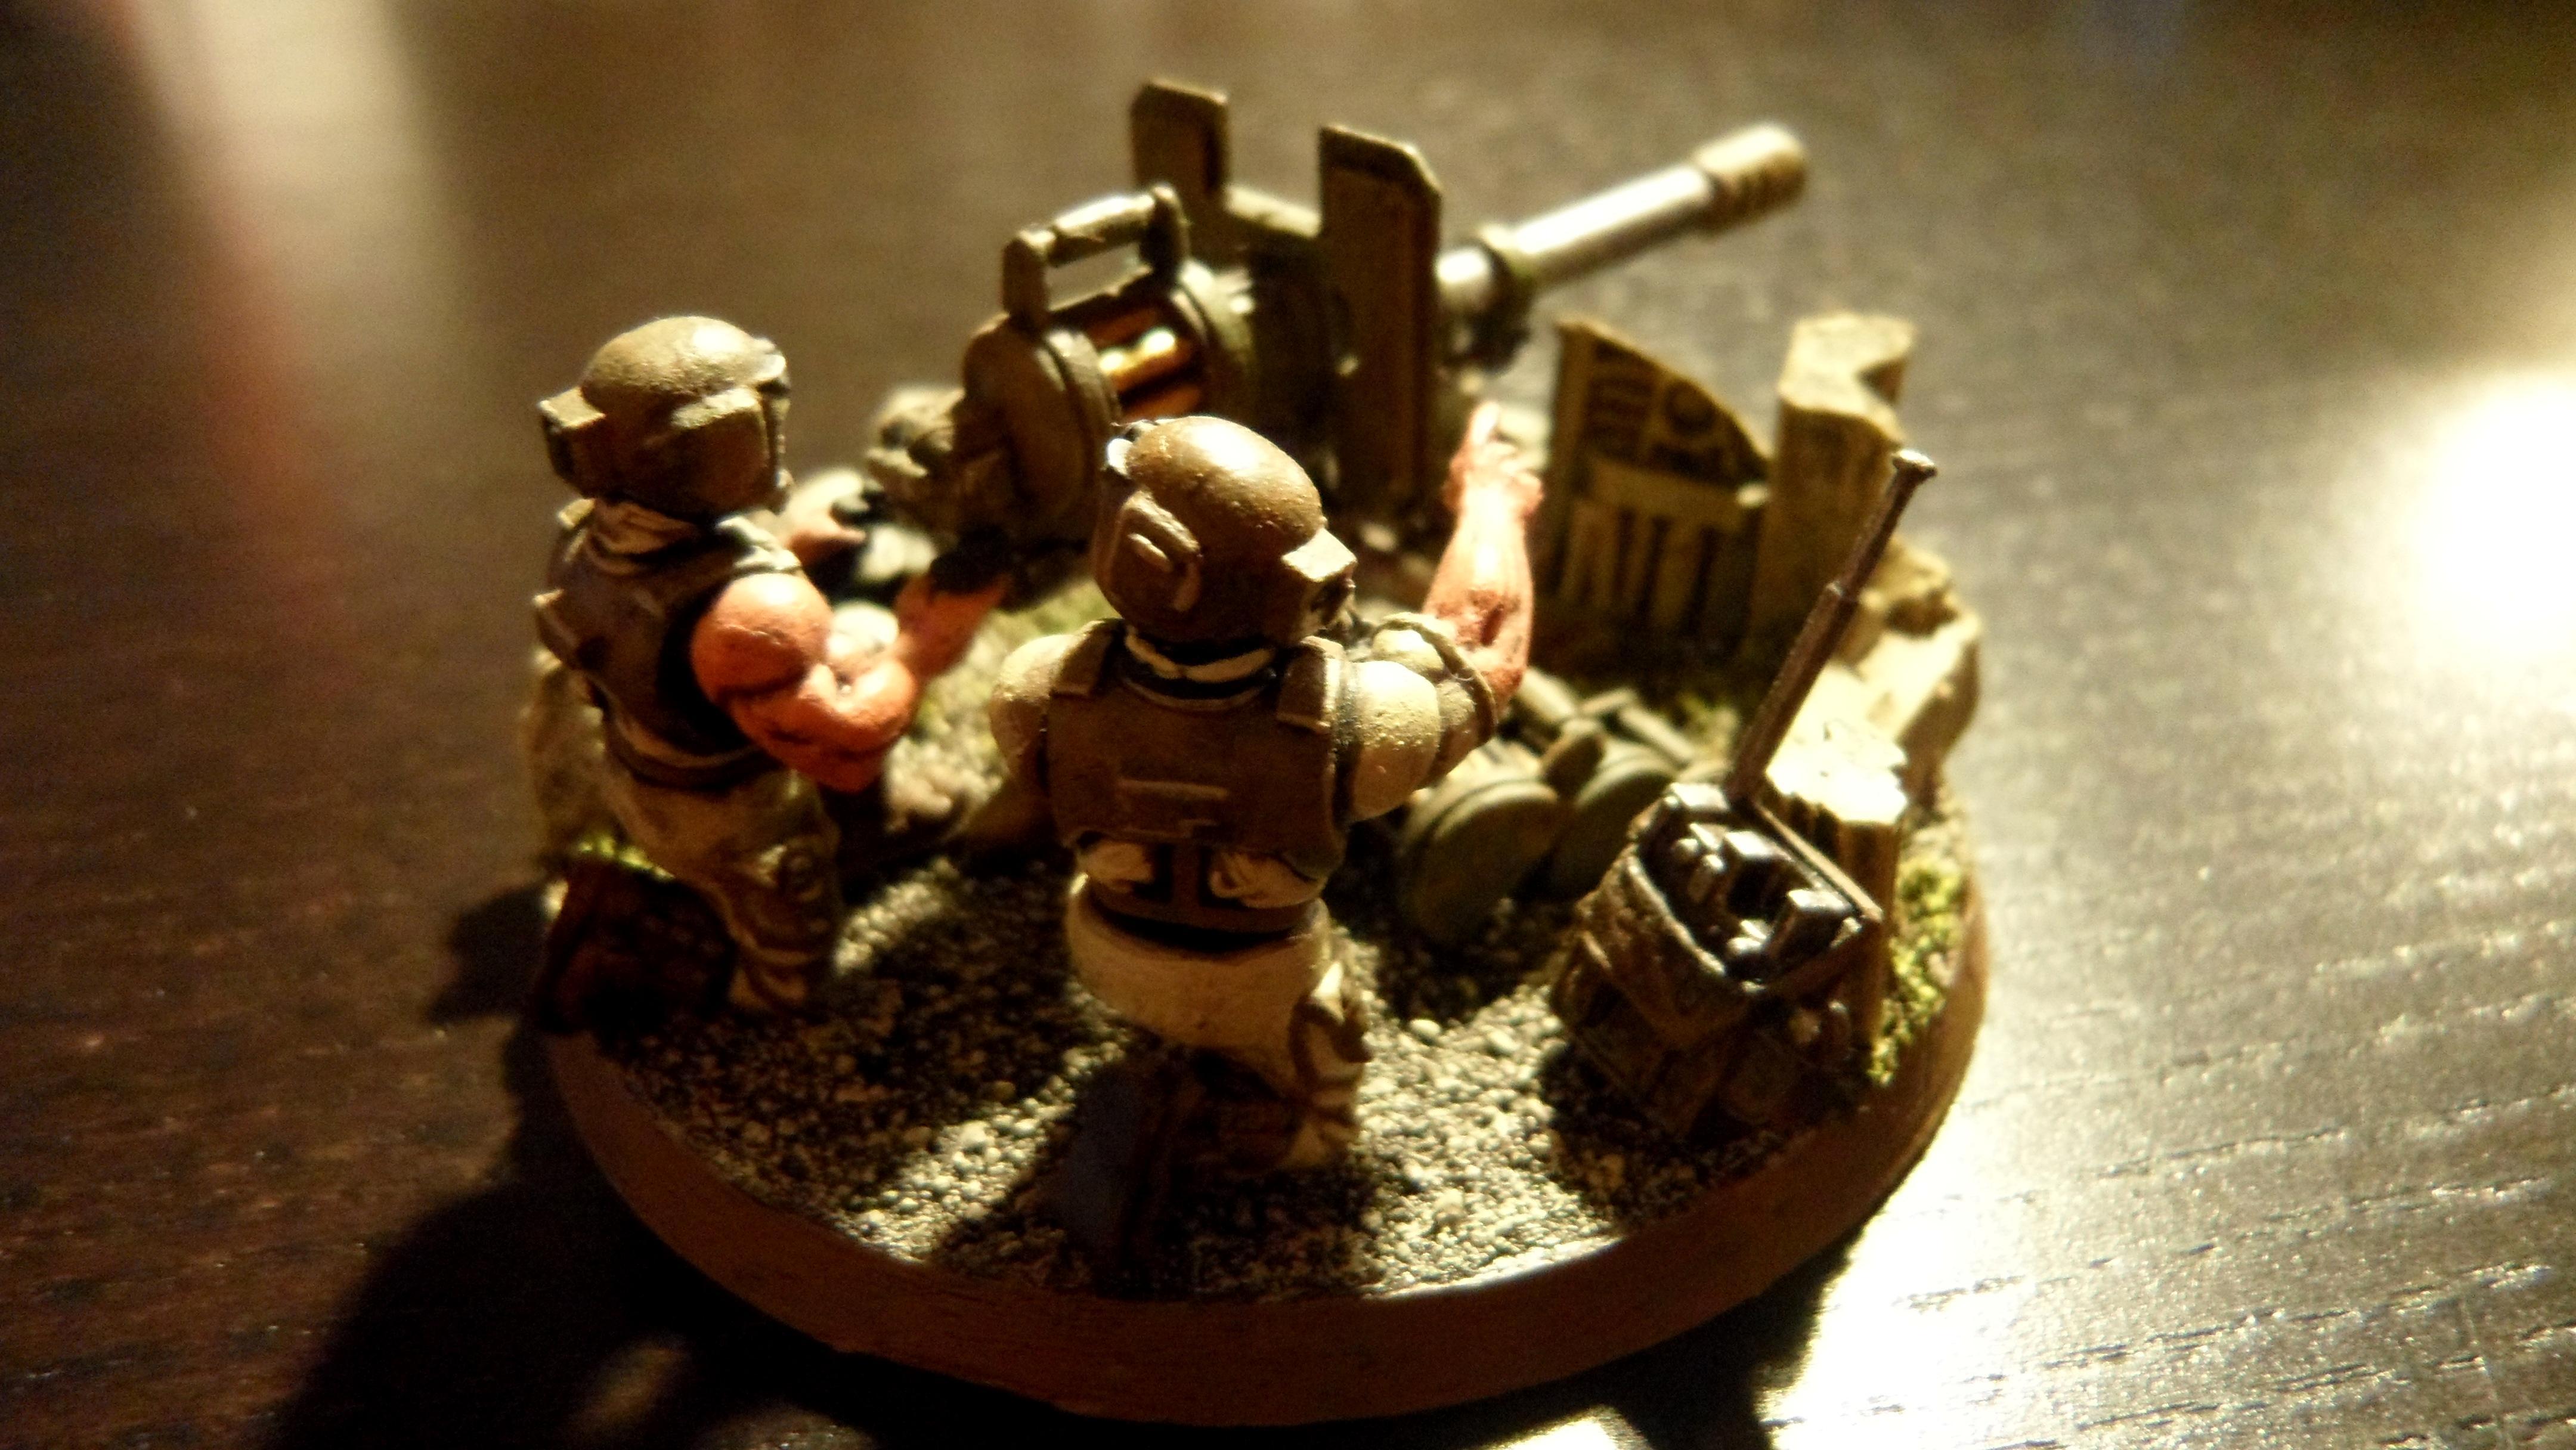 Big Gunz, Diorama, Imperial Guard, Imperial Guard Diorama